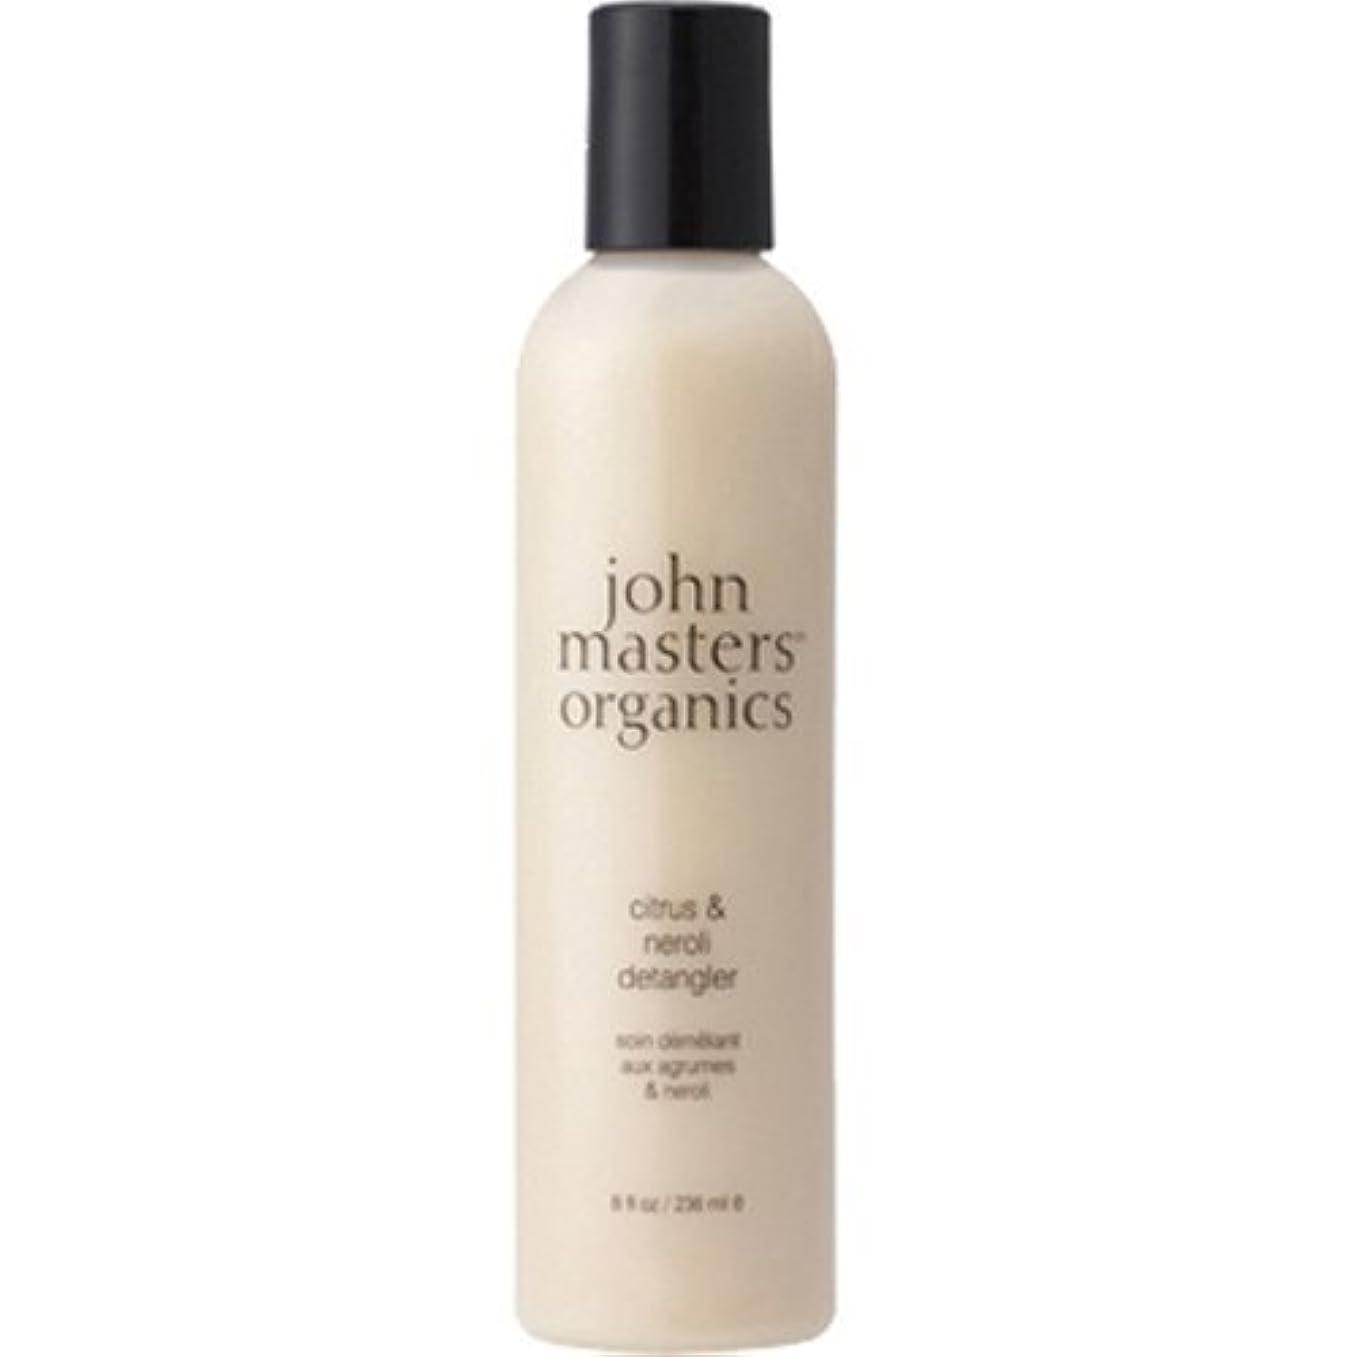 汗これらナチュラルJohn Masters Organics(ジョンマスターオーガニック) C&Nデタングラー(シトラス&ネロリ) 236ml(並行輸入品)